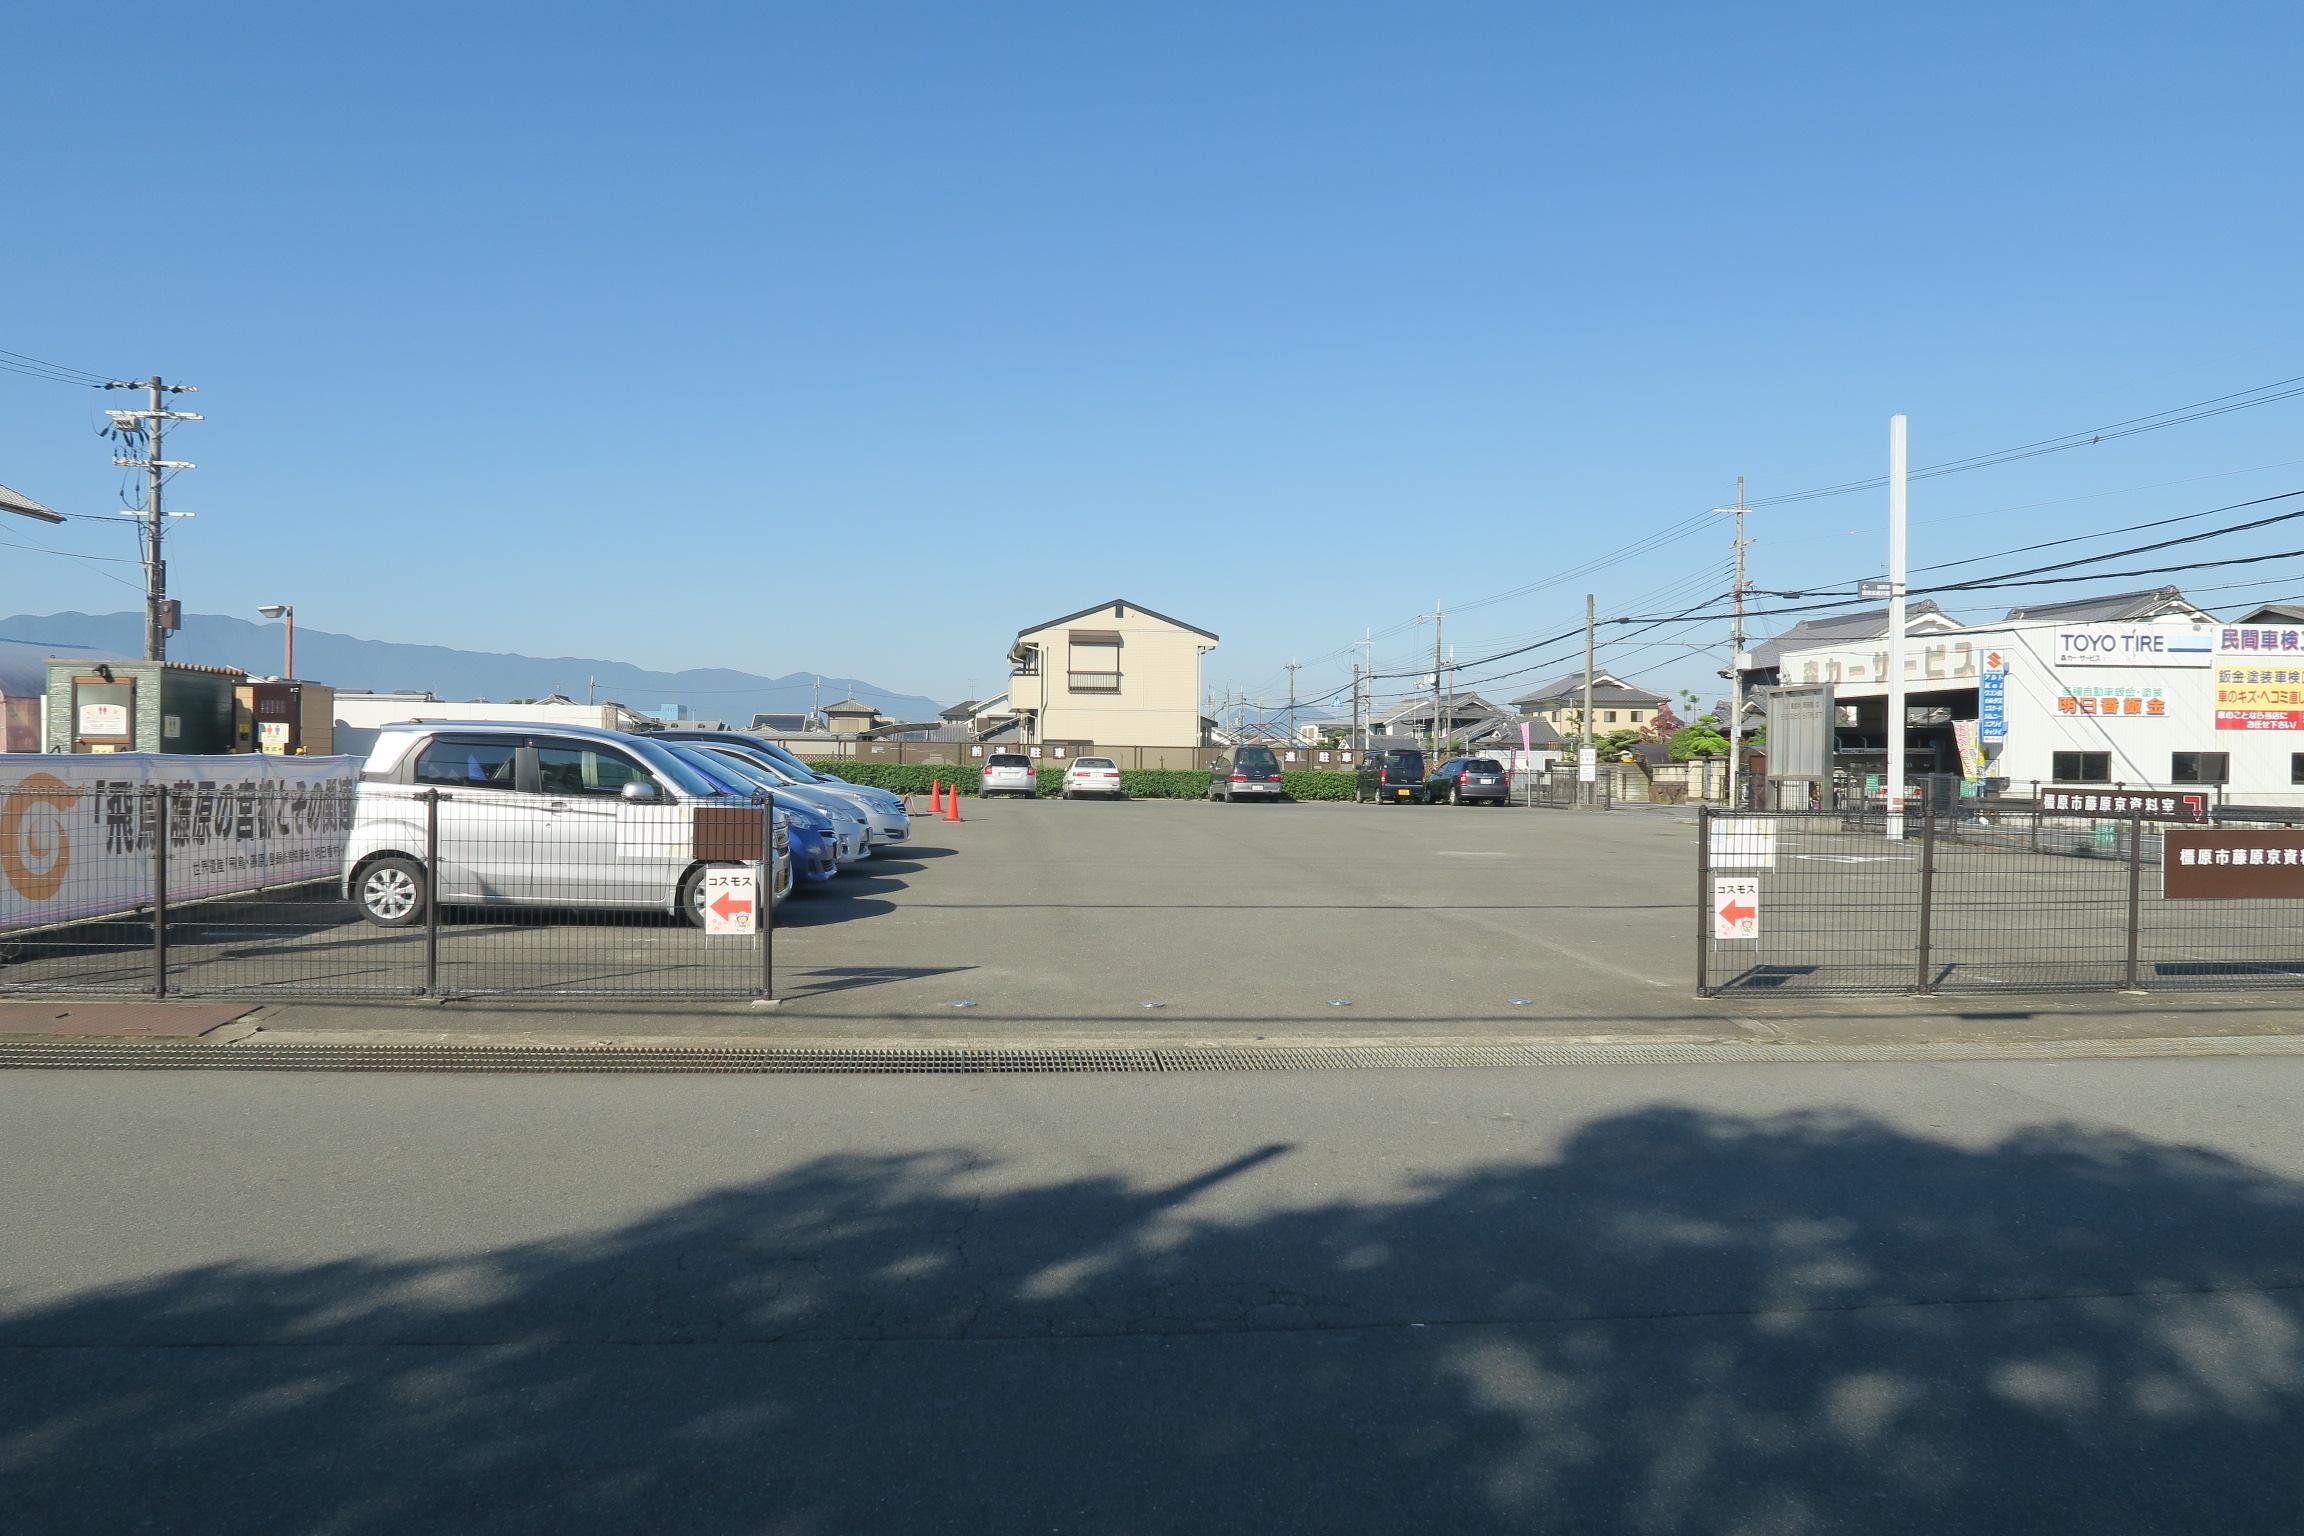 無料駐車場。